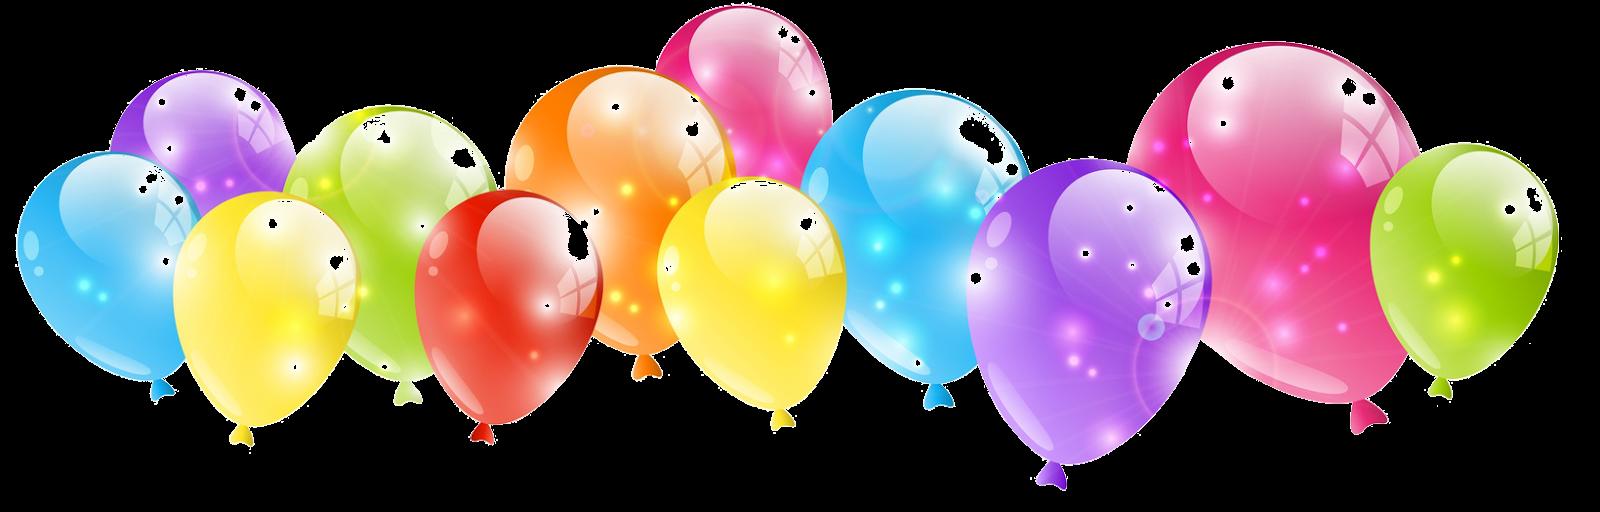 Ausmalbilder Geburtstag Luftballons : Bunte Luftballons Png Transparent Bunte Luftballons Png Images